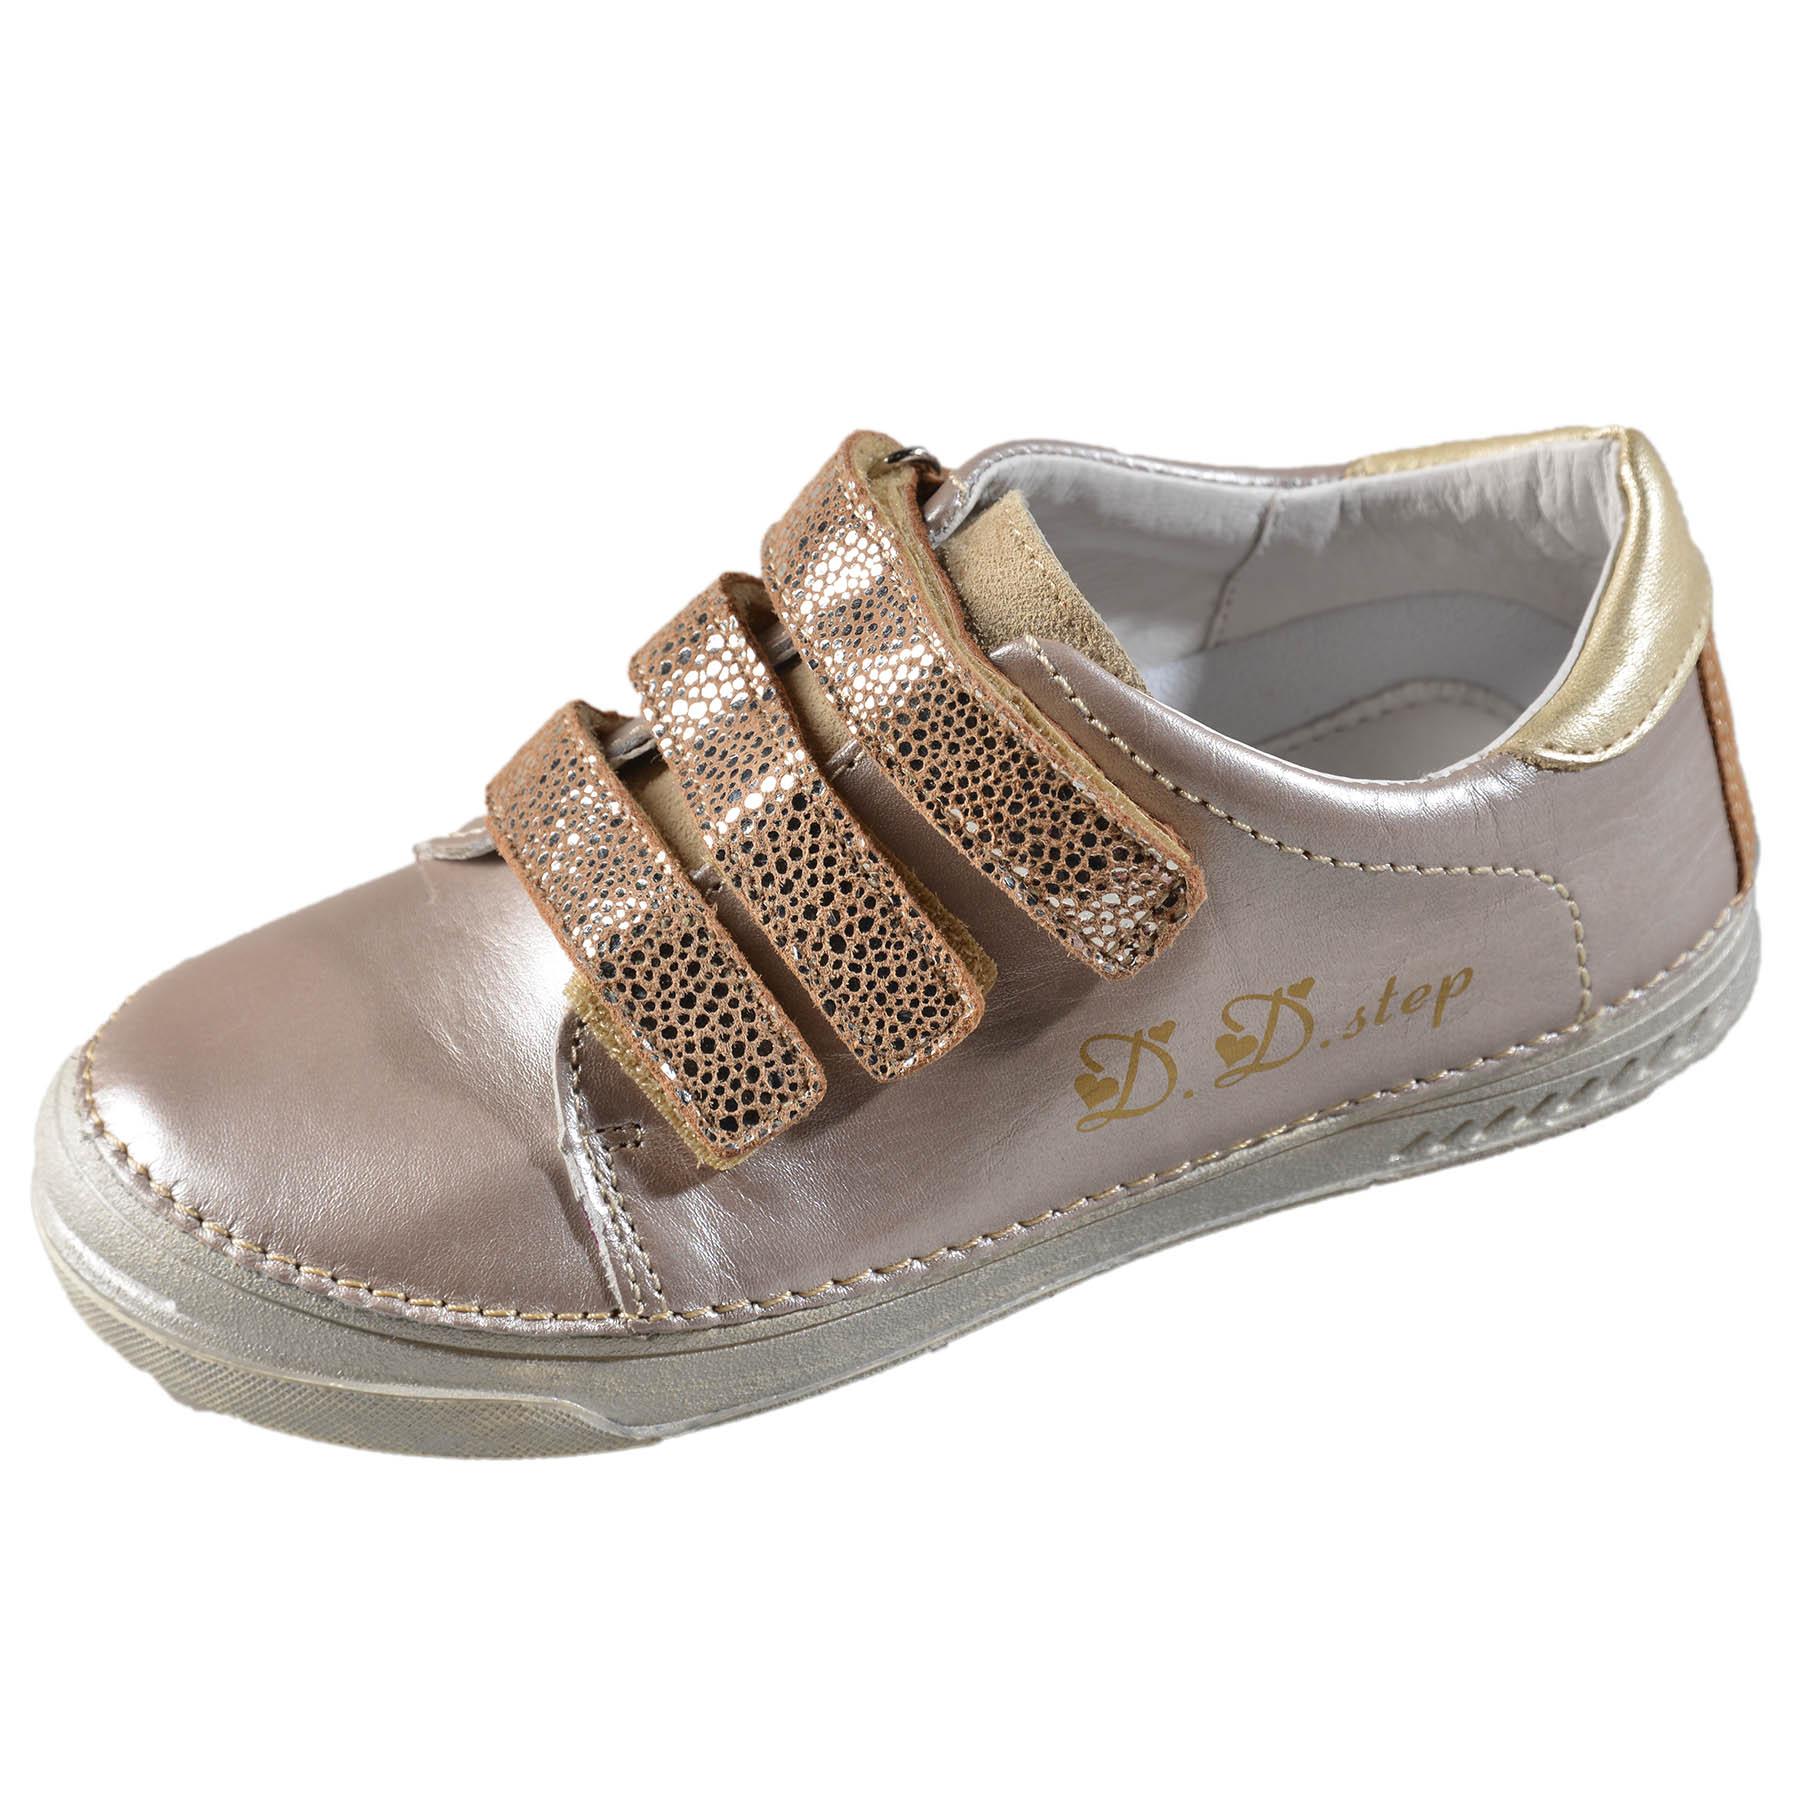 7e4c7df3d641 Dievčenské kožené prechodné topánky-Champagne DDstep - 040-409AL ...